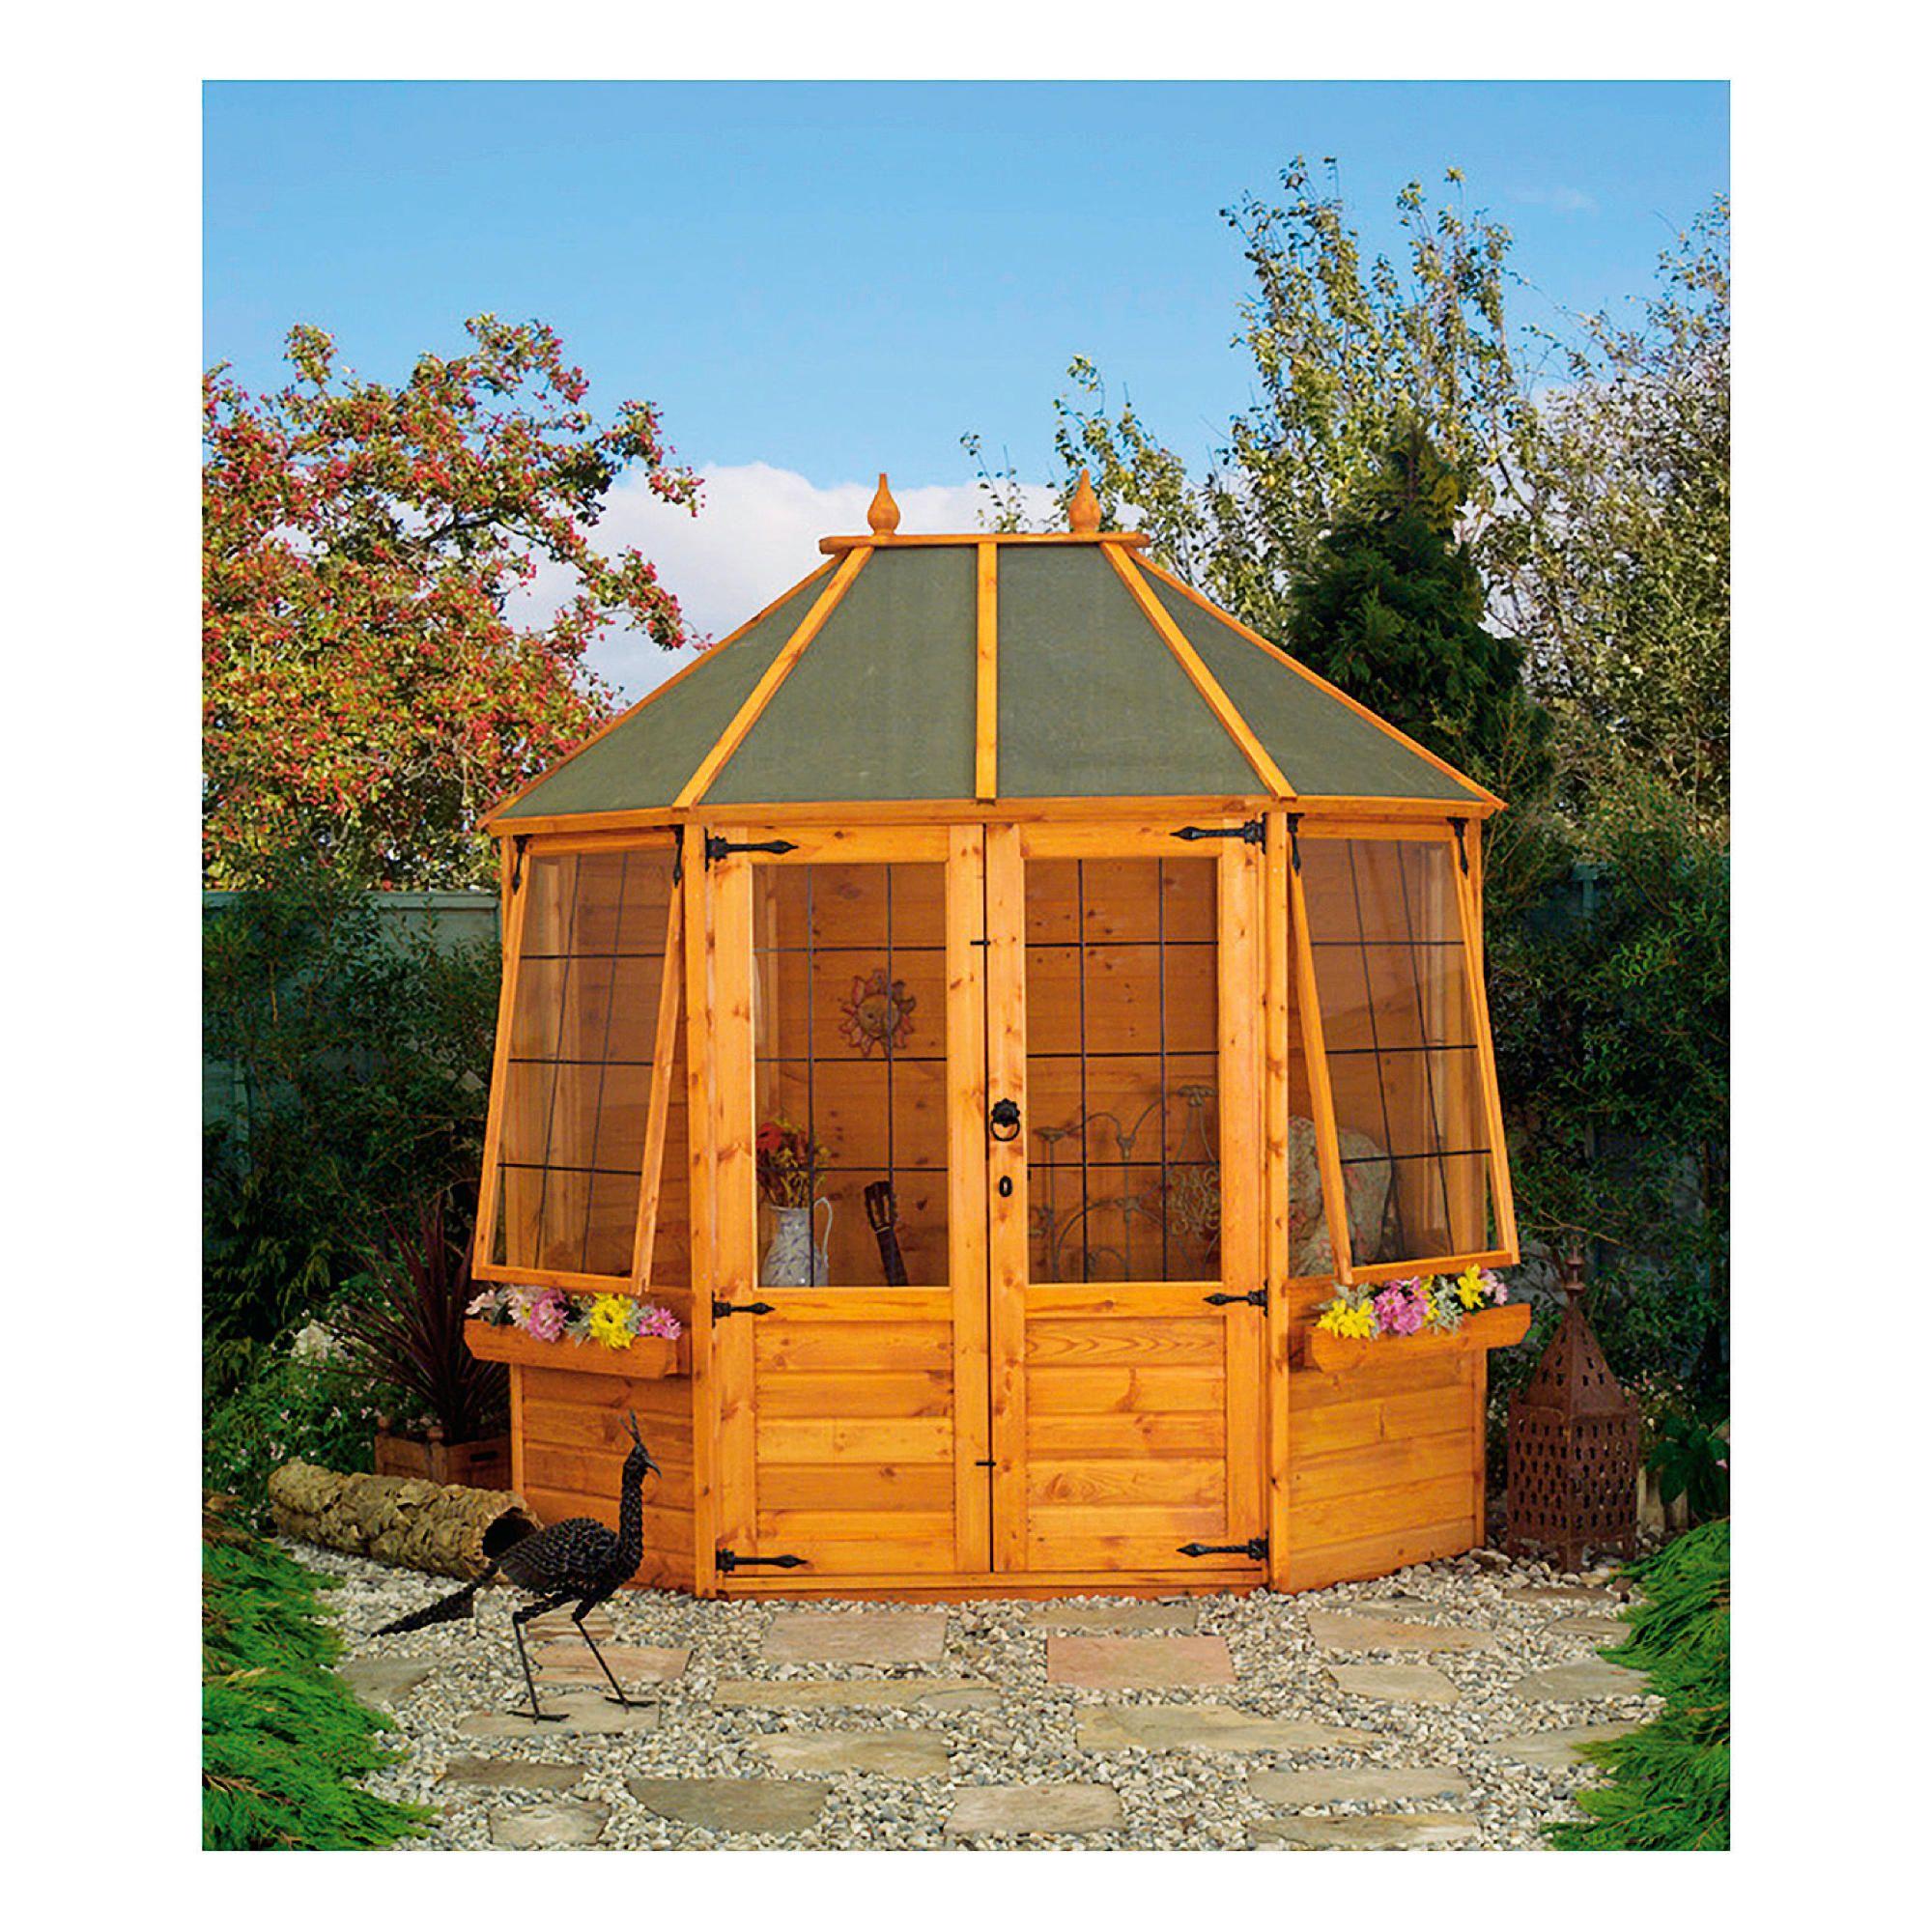 Edim tesco wooden garden sheds for Garden shed tesco